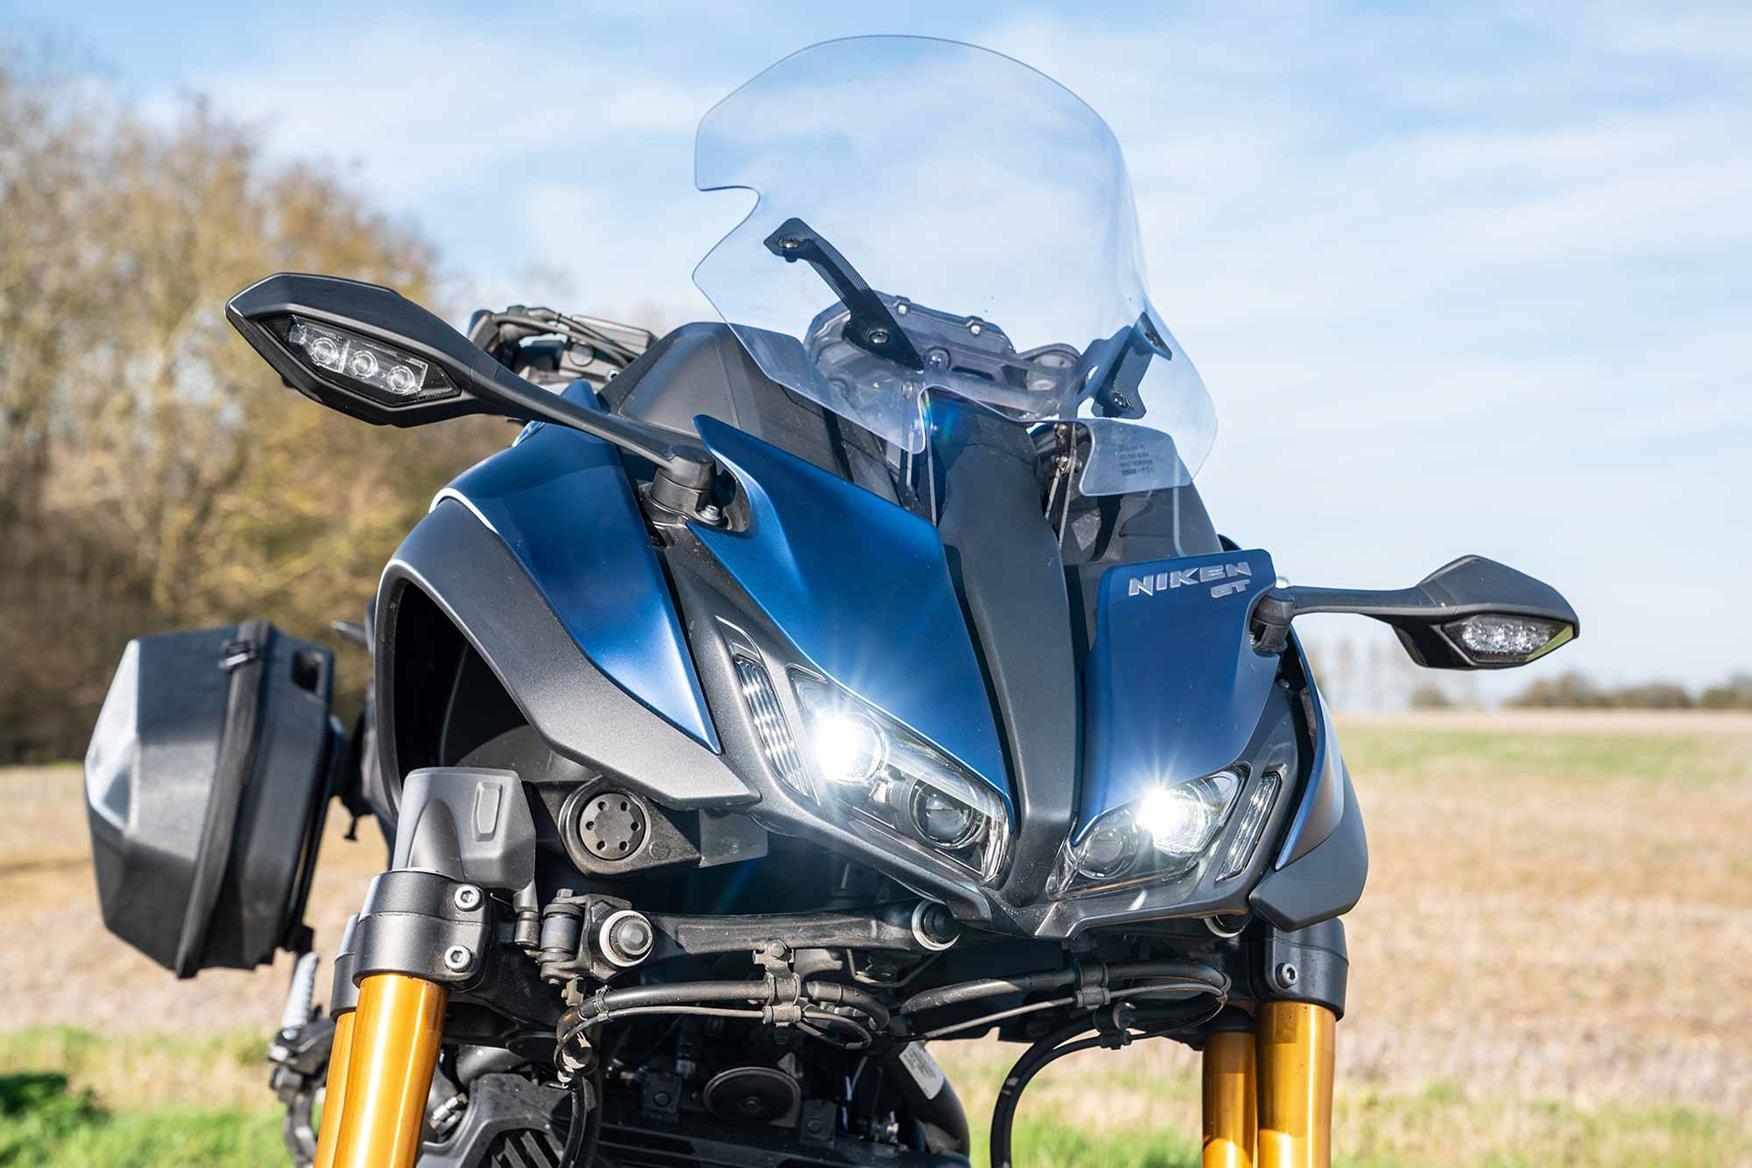 Yamaha Niken Gt 2019 On Review